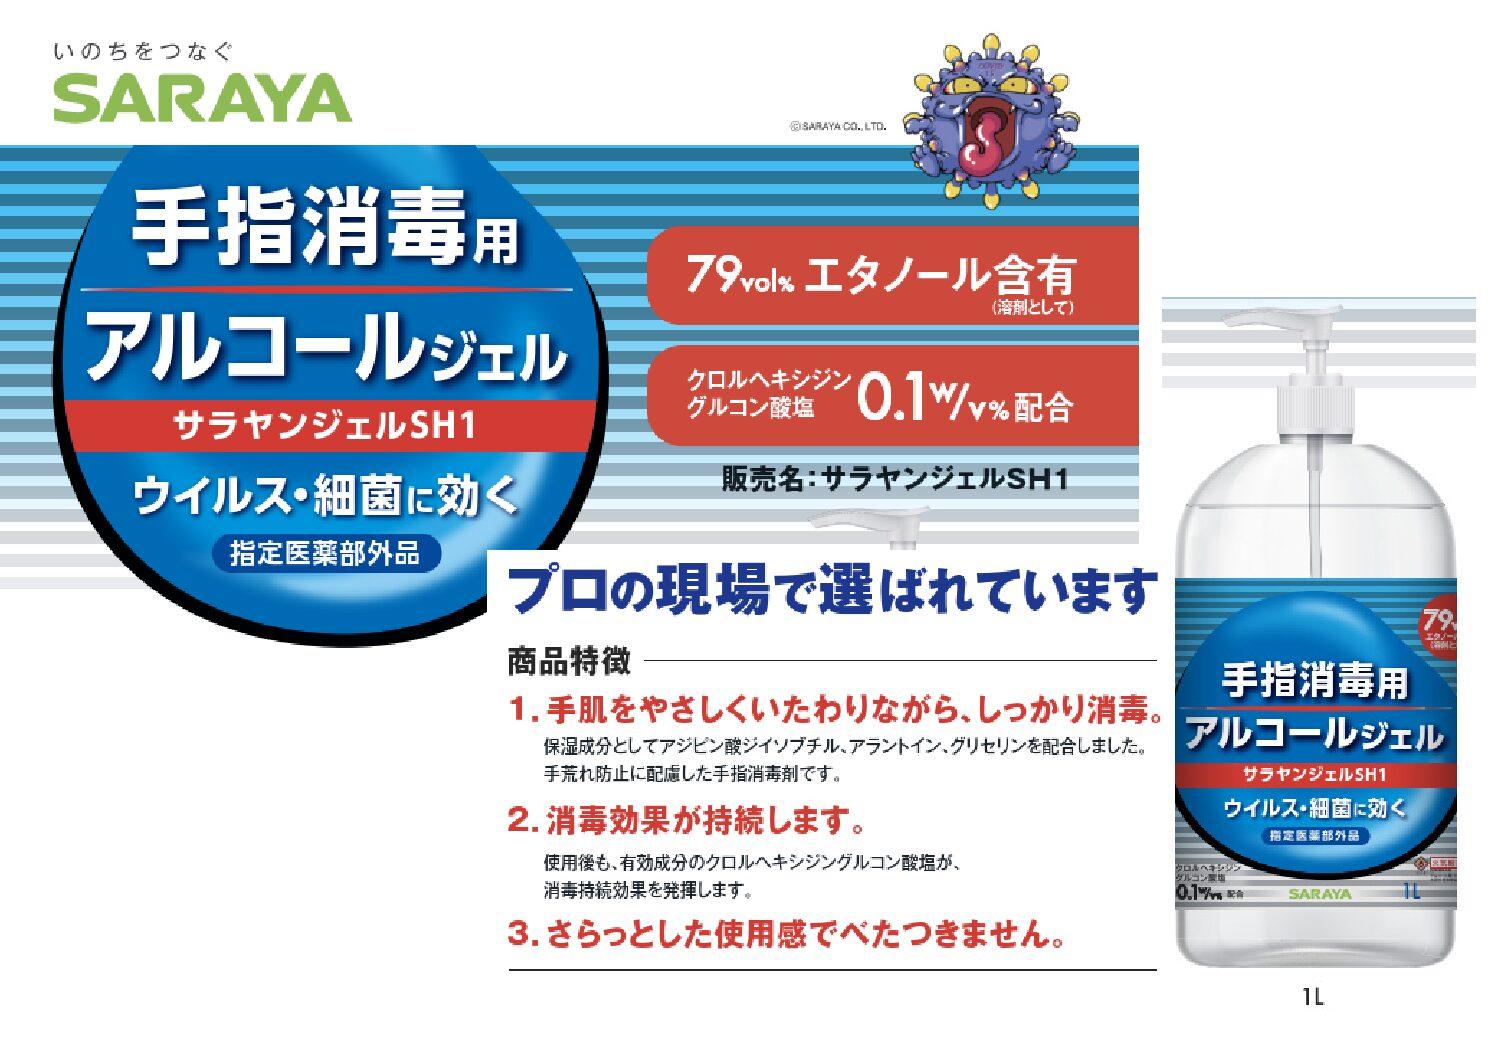 用 手指 アルコール ジェル 消毒 日本製アルコールハンドジェル5つ紹介!消毒に使えるのはどれ?